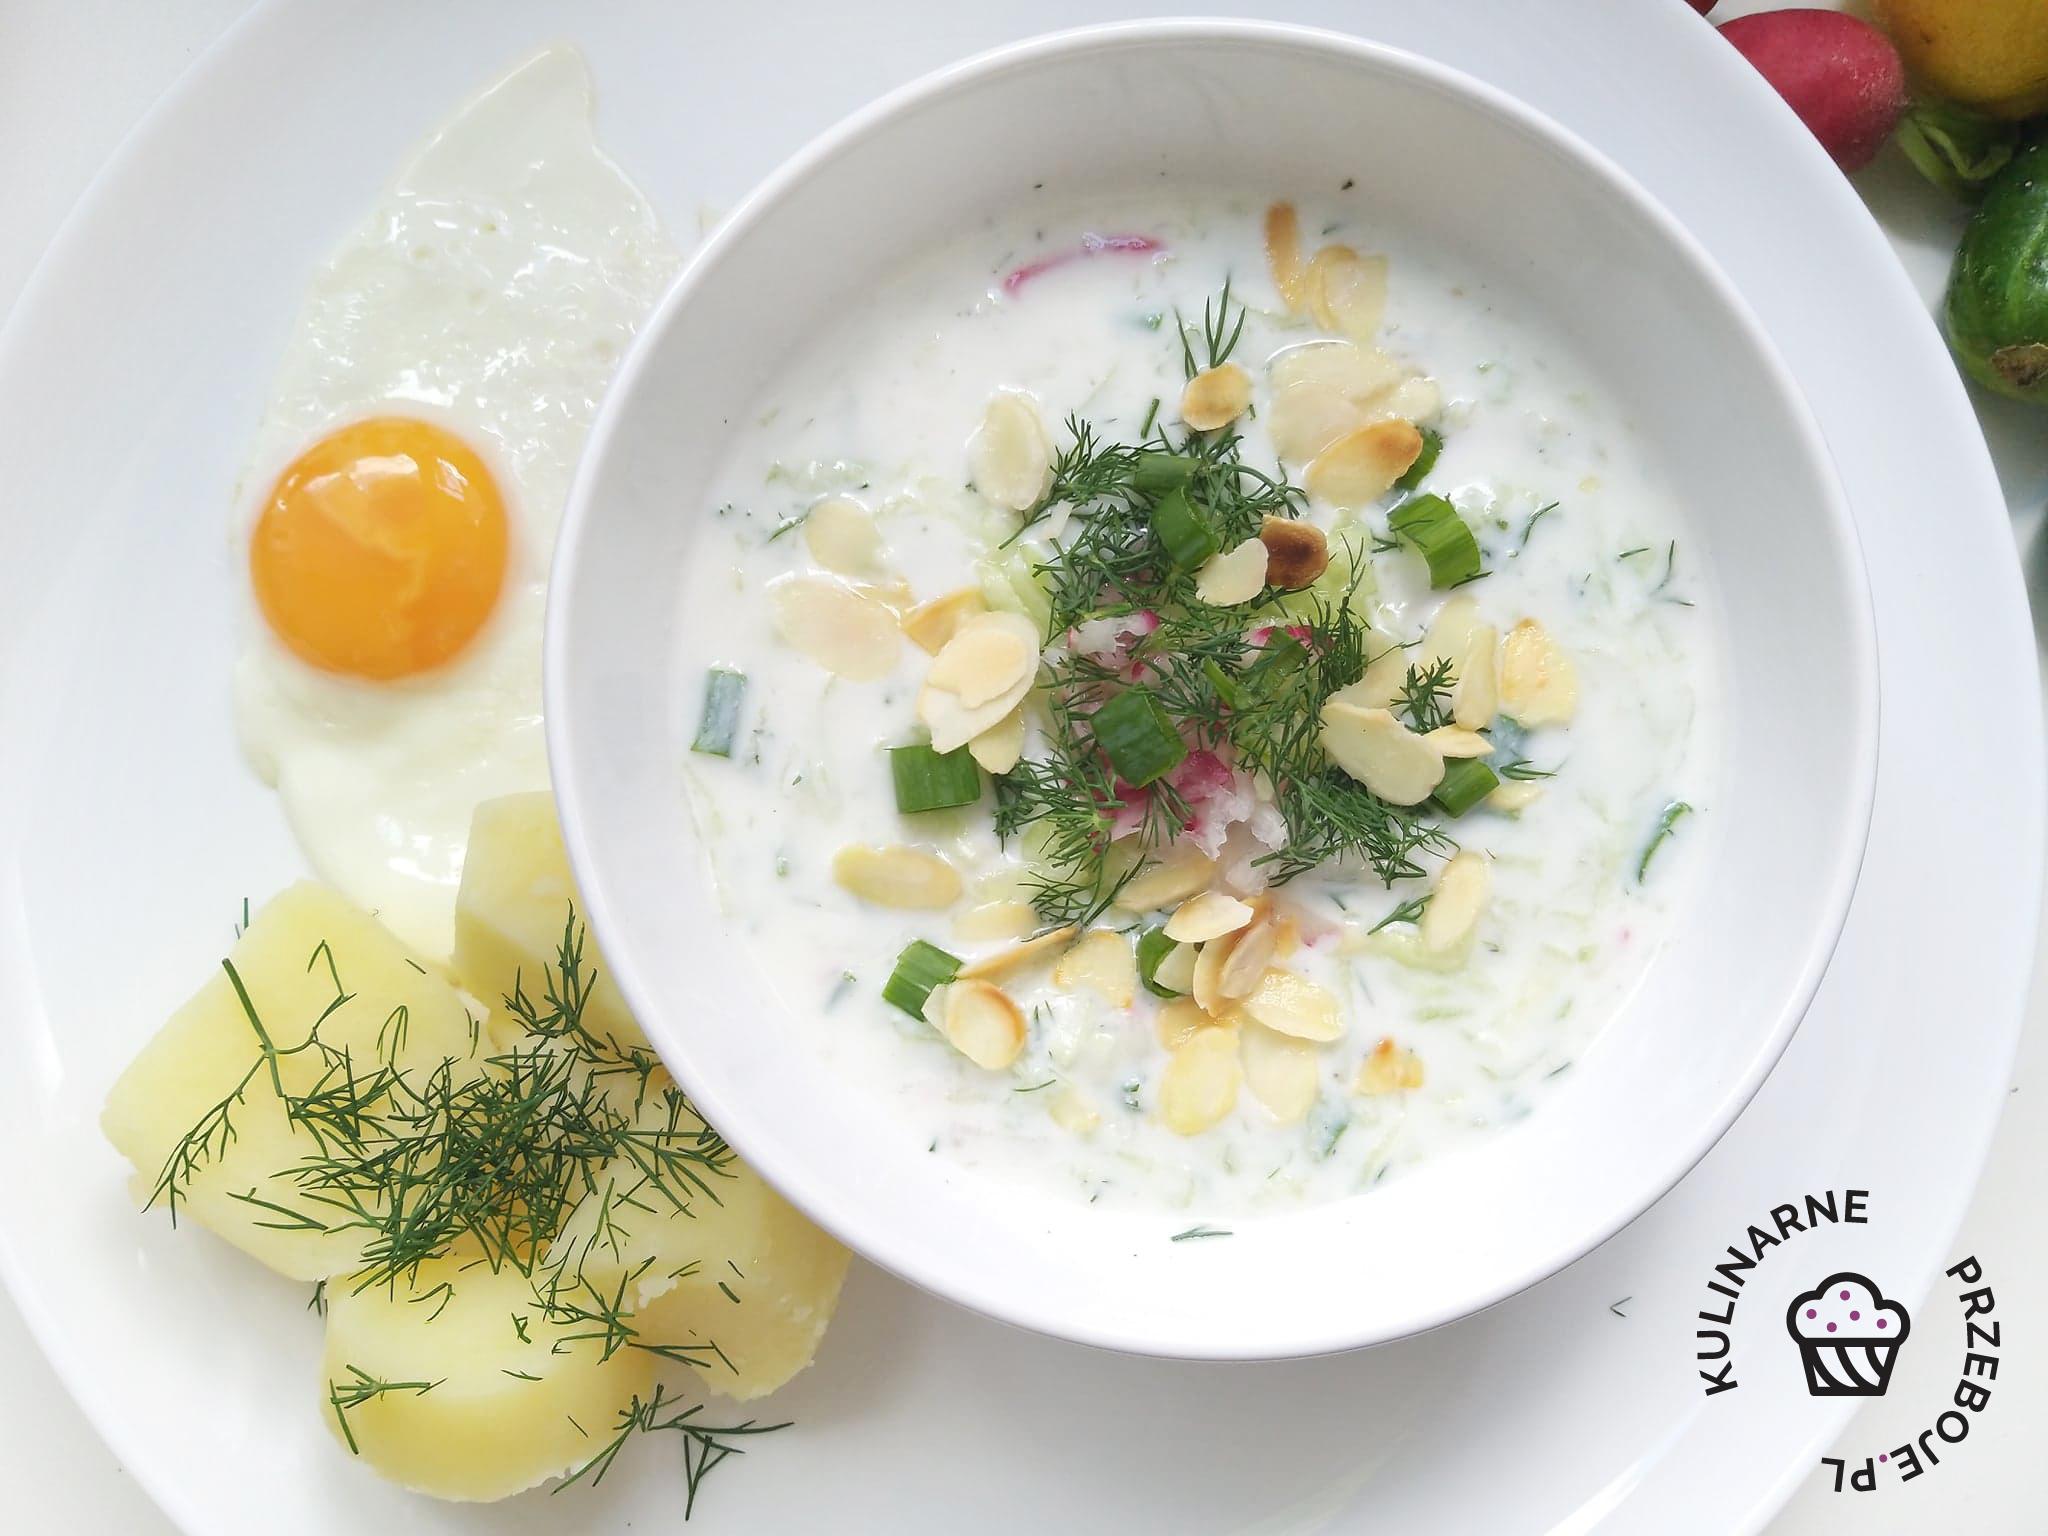 chłodnik z młodymi ziemniakami i jajkiem sadzonym - dieta cukrzycowa